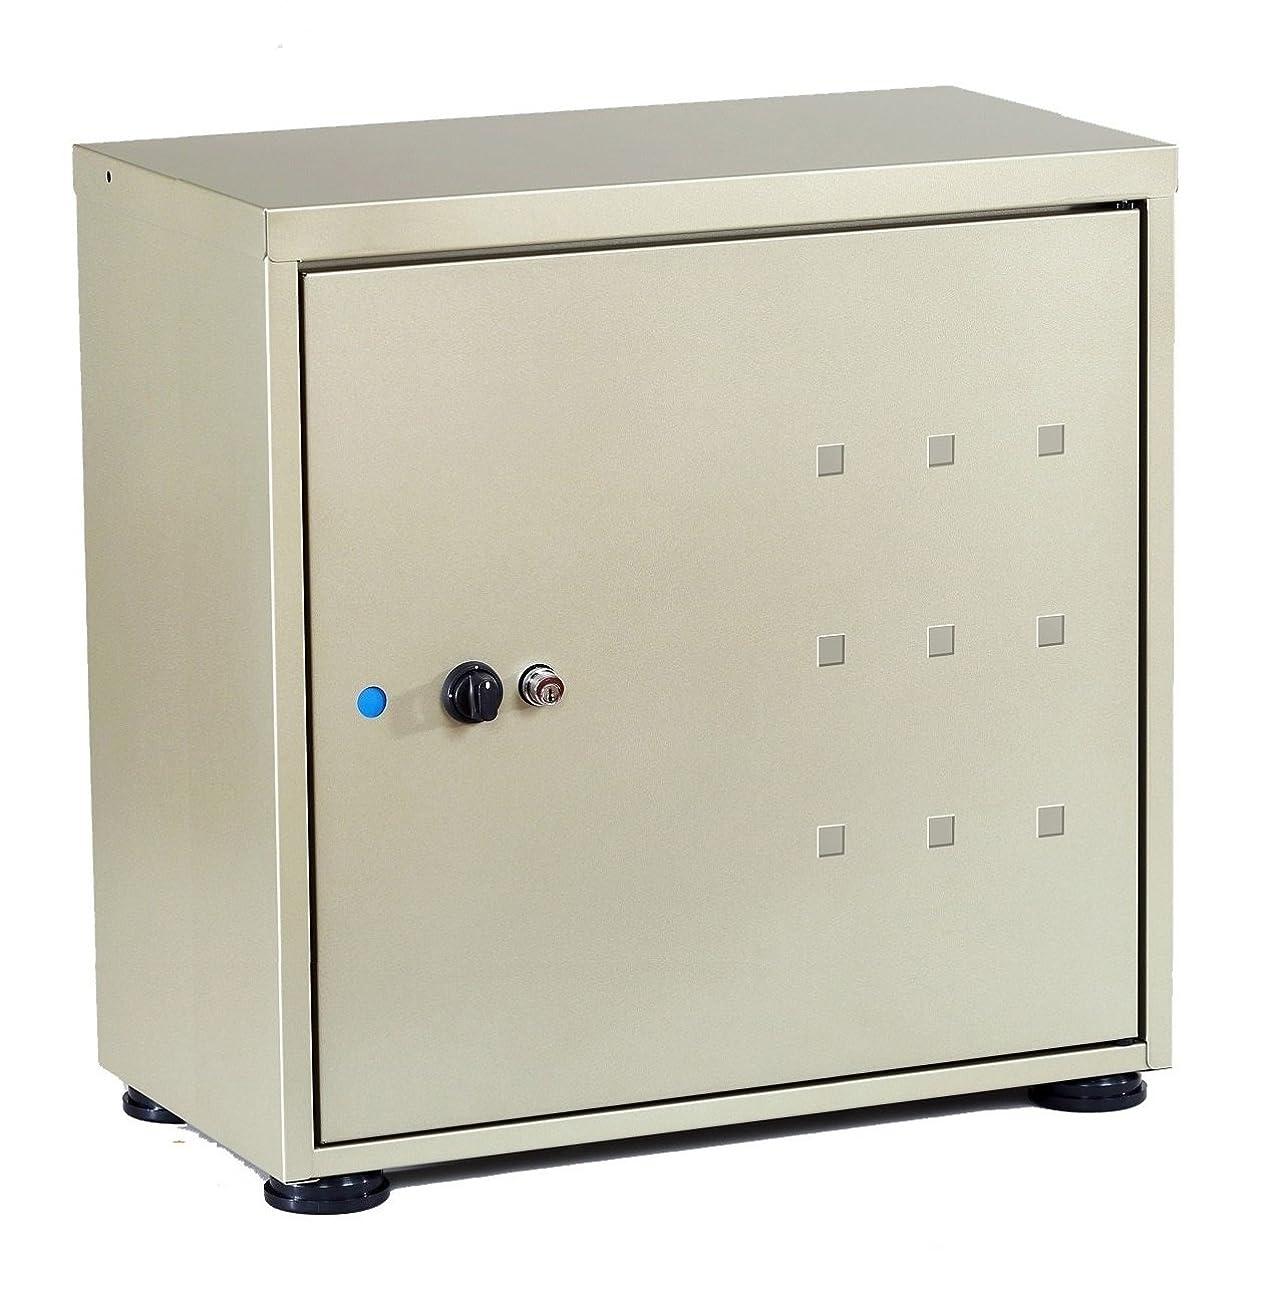 巻き戻す売るエントリグリーンライフ(GREEN LIFE) 宅配ボックス レシーボ2746 TR-2746(TGY) 完成品ですぐ使える 奥行28.5×高さ48.0×幅49.2cm